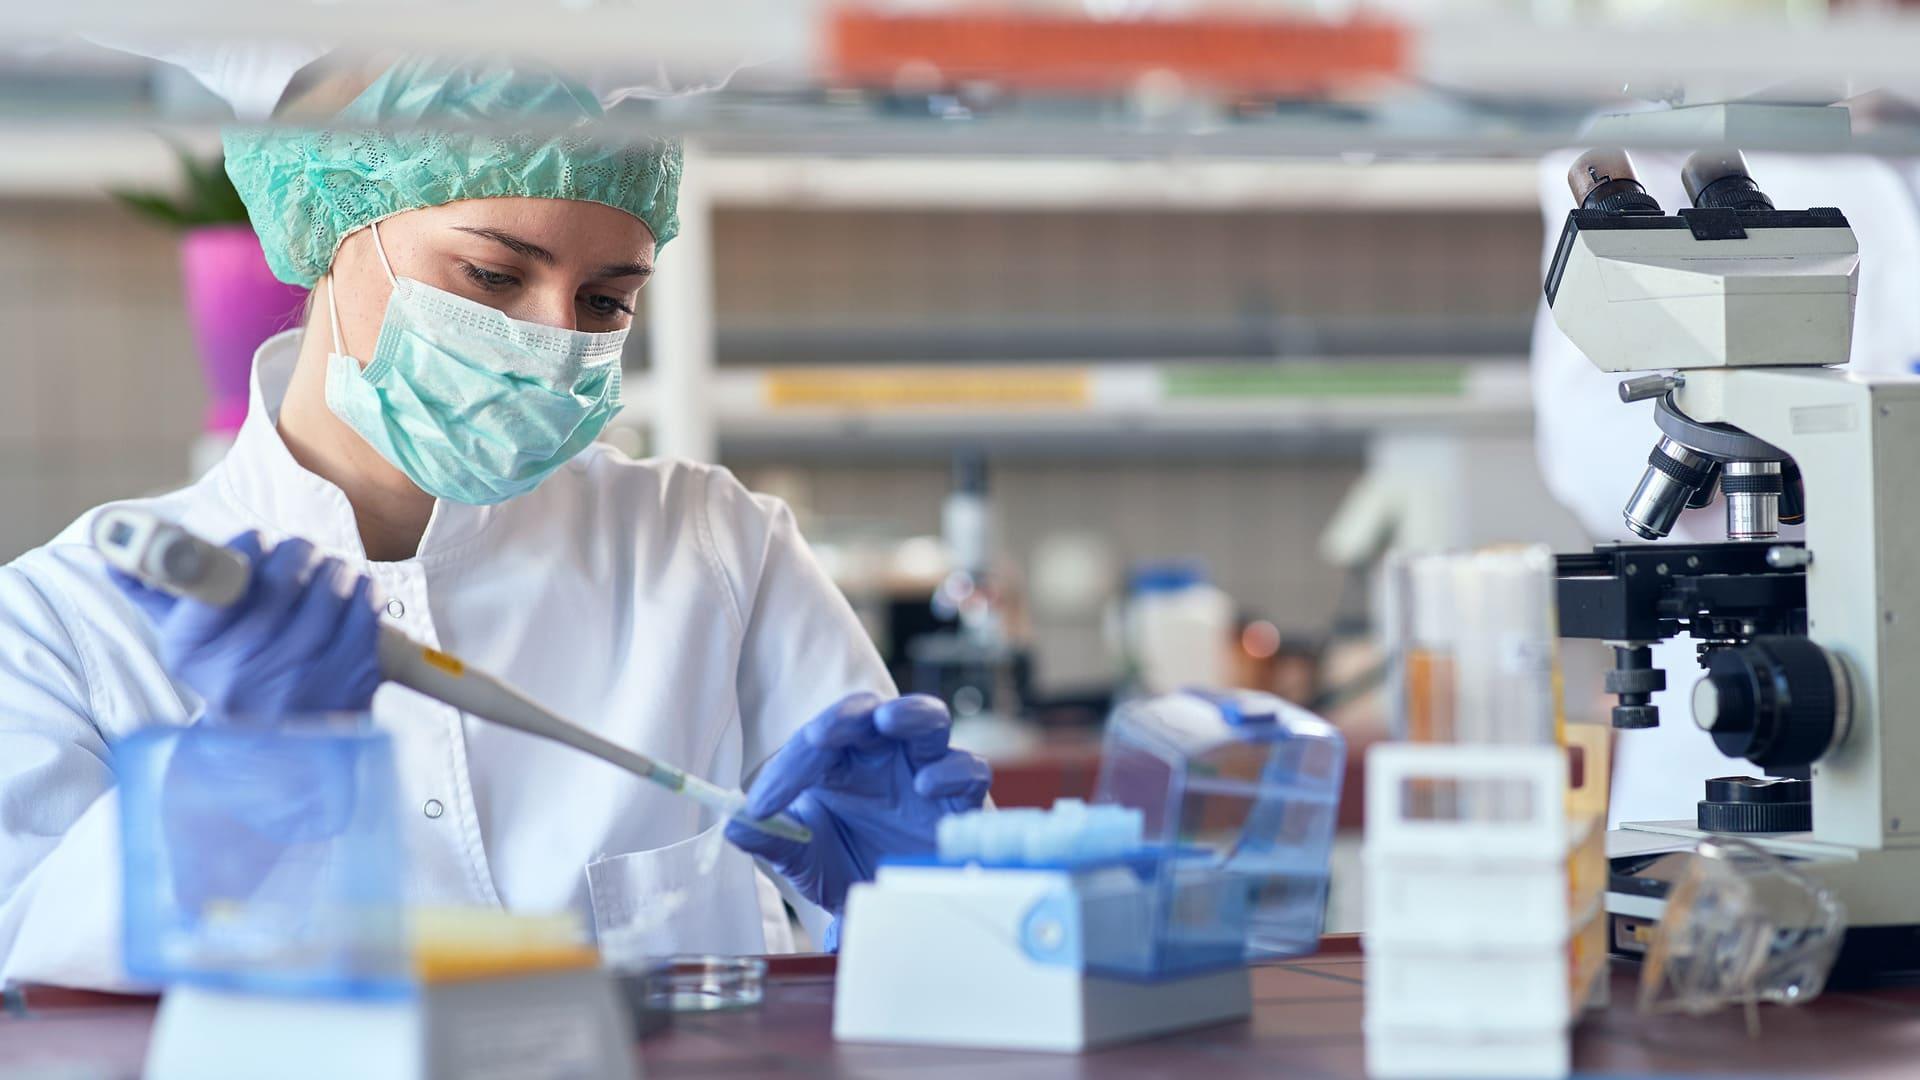 Welche Medikamente sollten bei einer Coronavirus-Infektion vermieden werden?